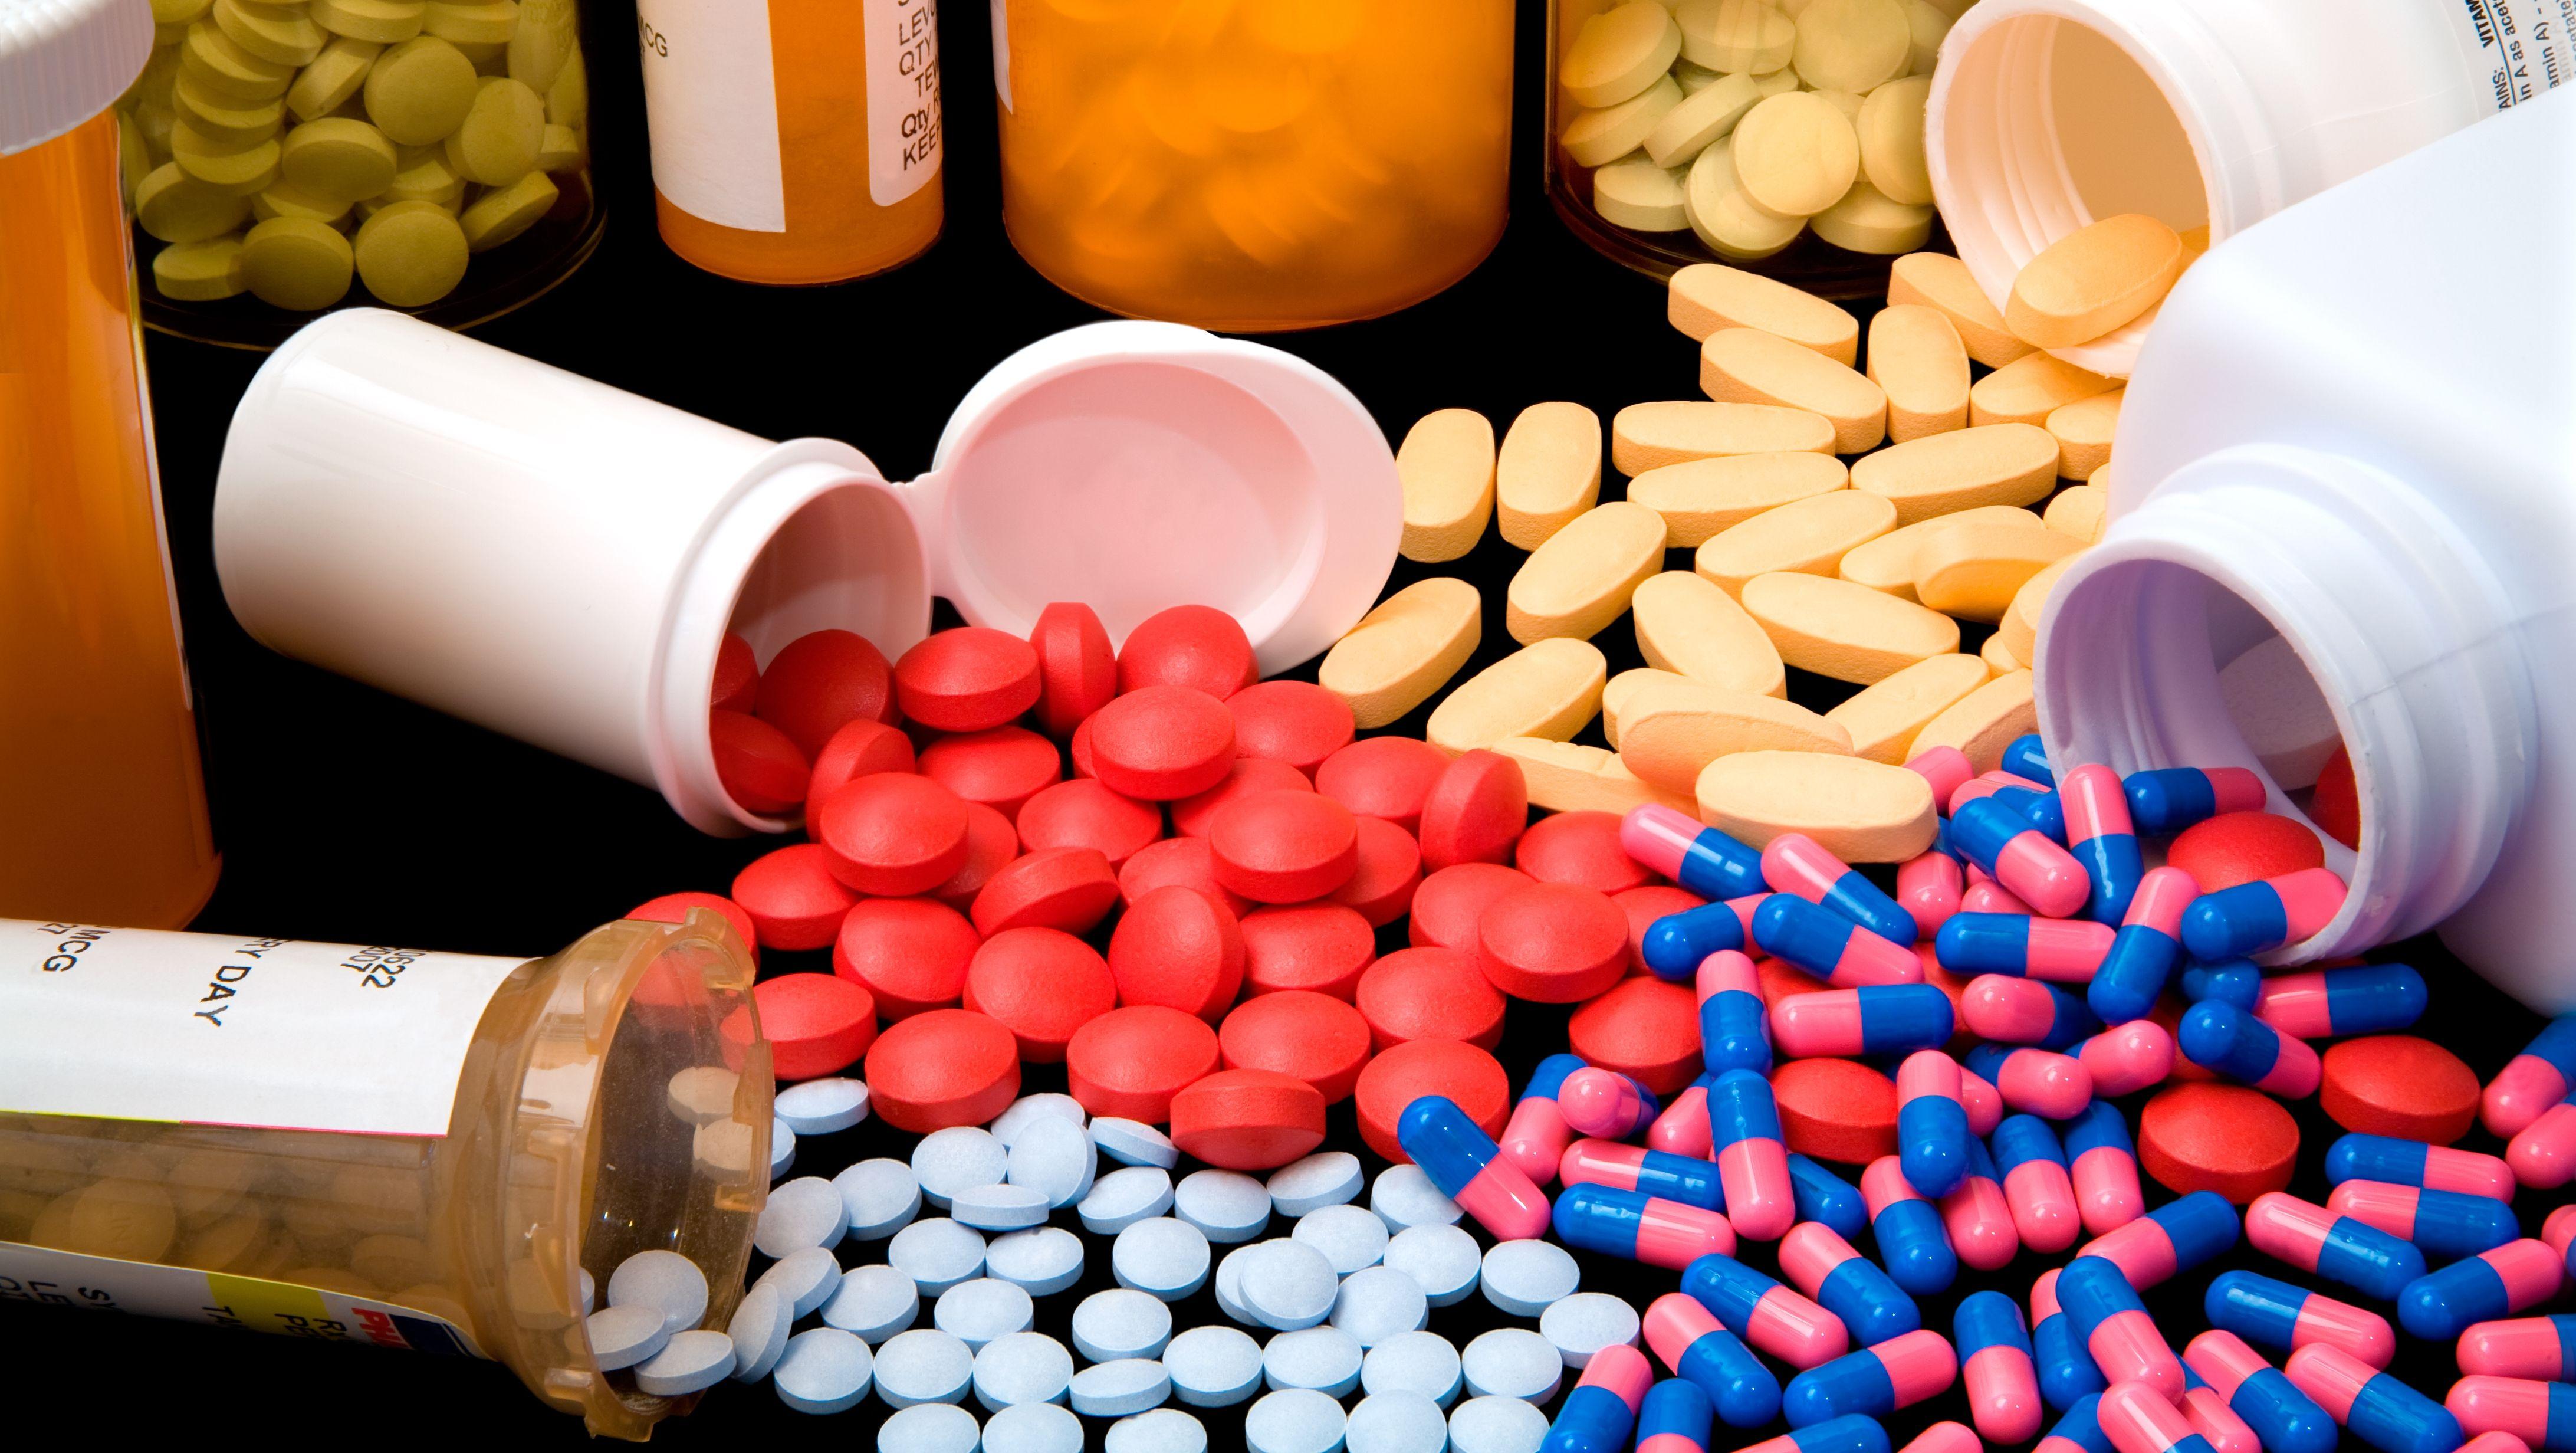 Антибиотики при ларингите — лучшие для лечения